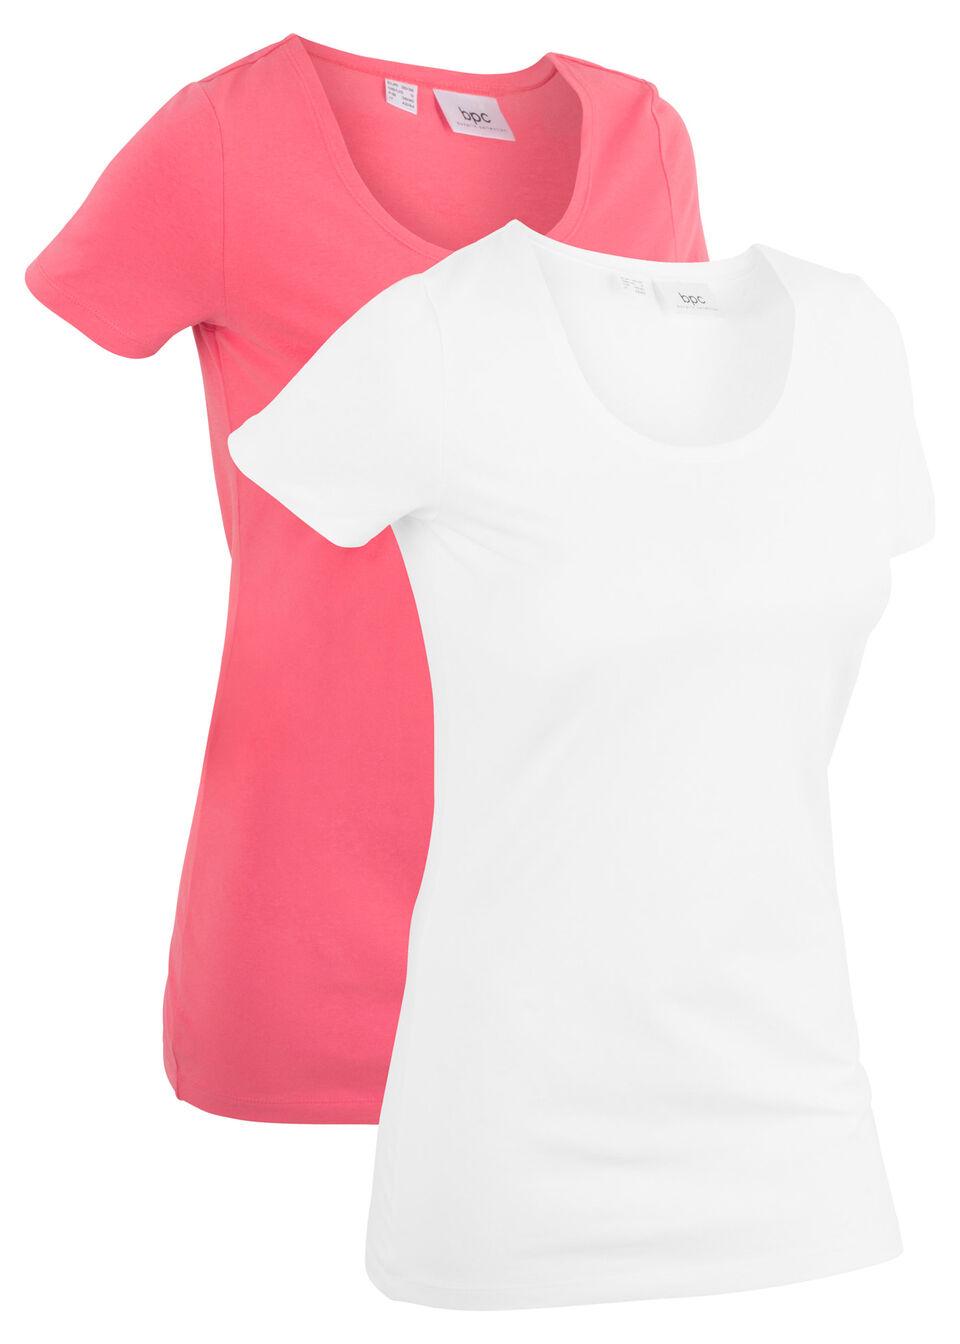 Купить Удлиненная футболка (2 шт.), bonprix, нежный ярко-розовый/белый